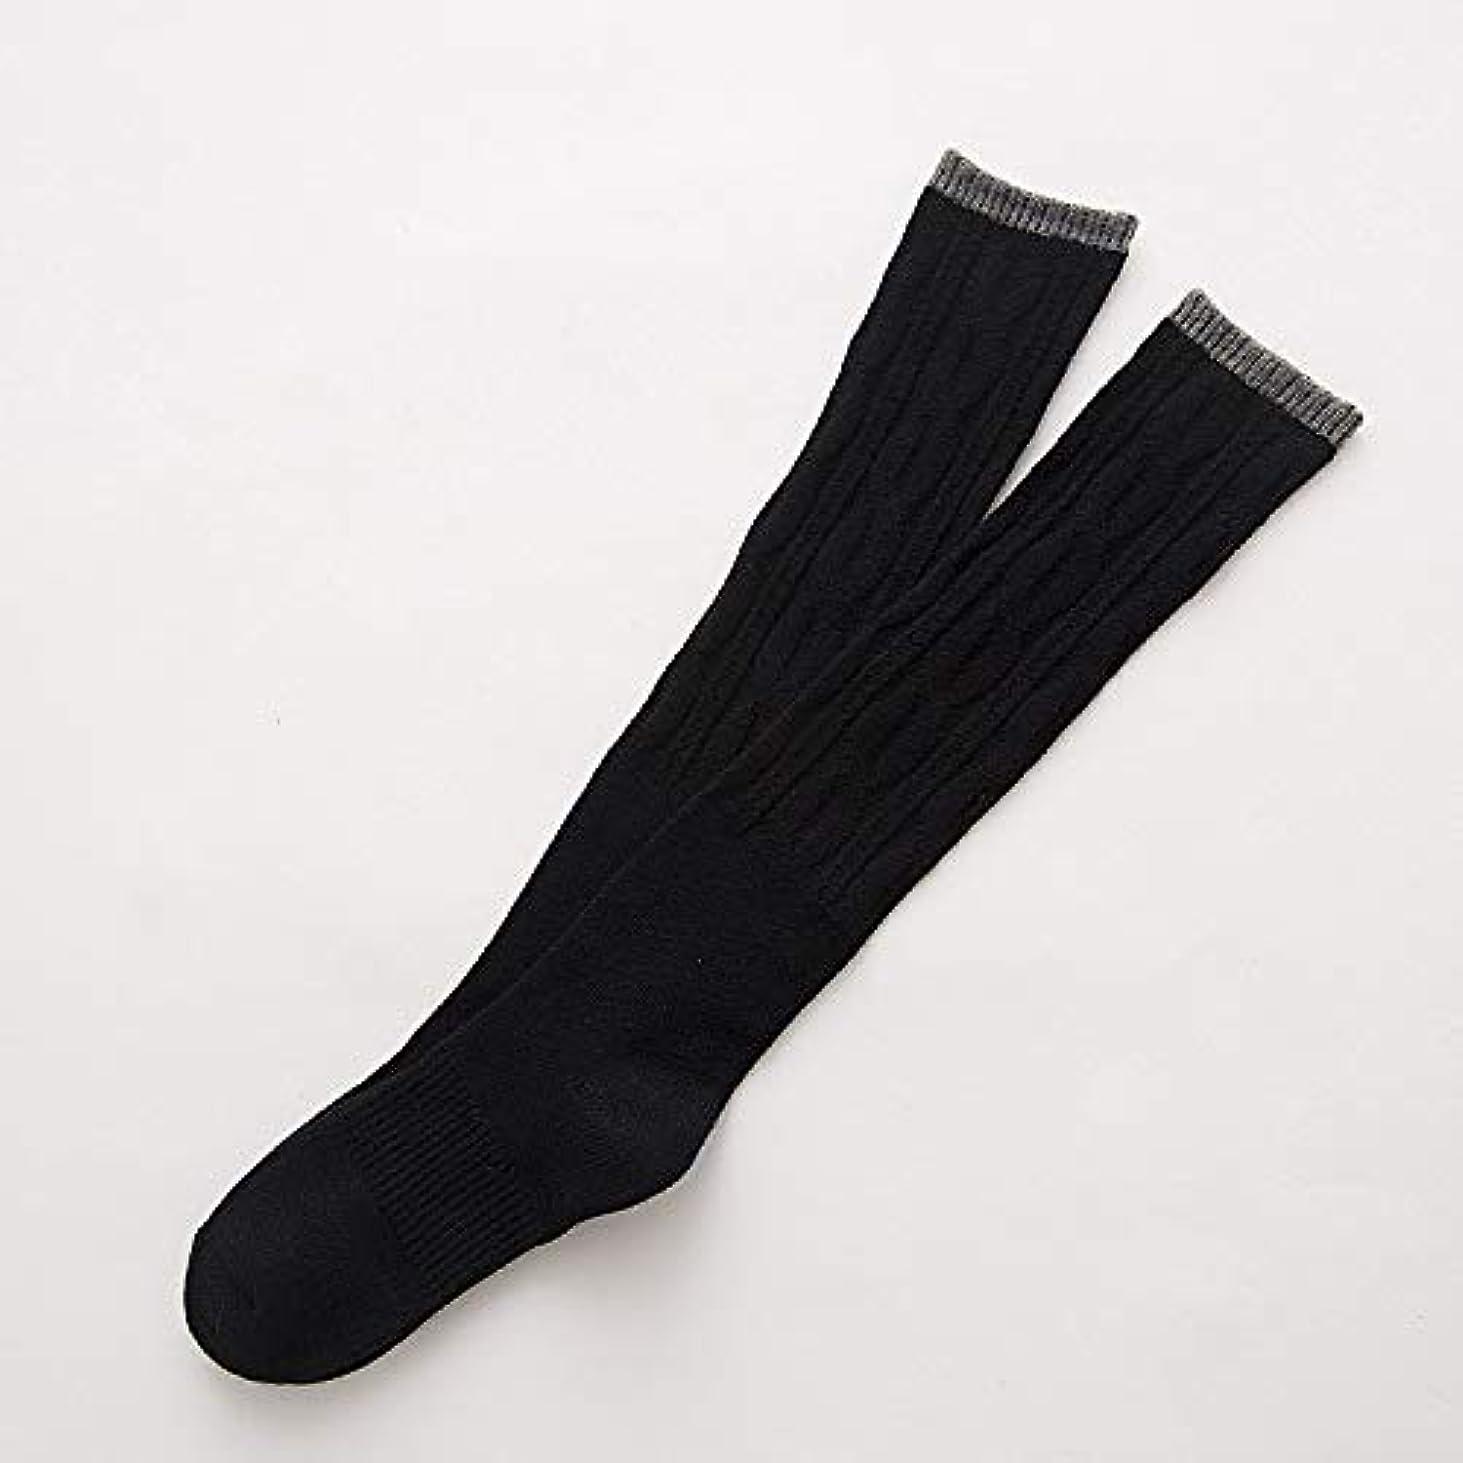 鳴らす願う無線靴下の秋と冬のブーツの山のレトロなハイチューブは、膝の上に女性の靴下を厚く、ウサギのカシミヤの靴下